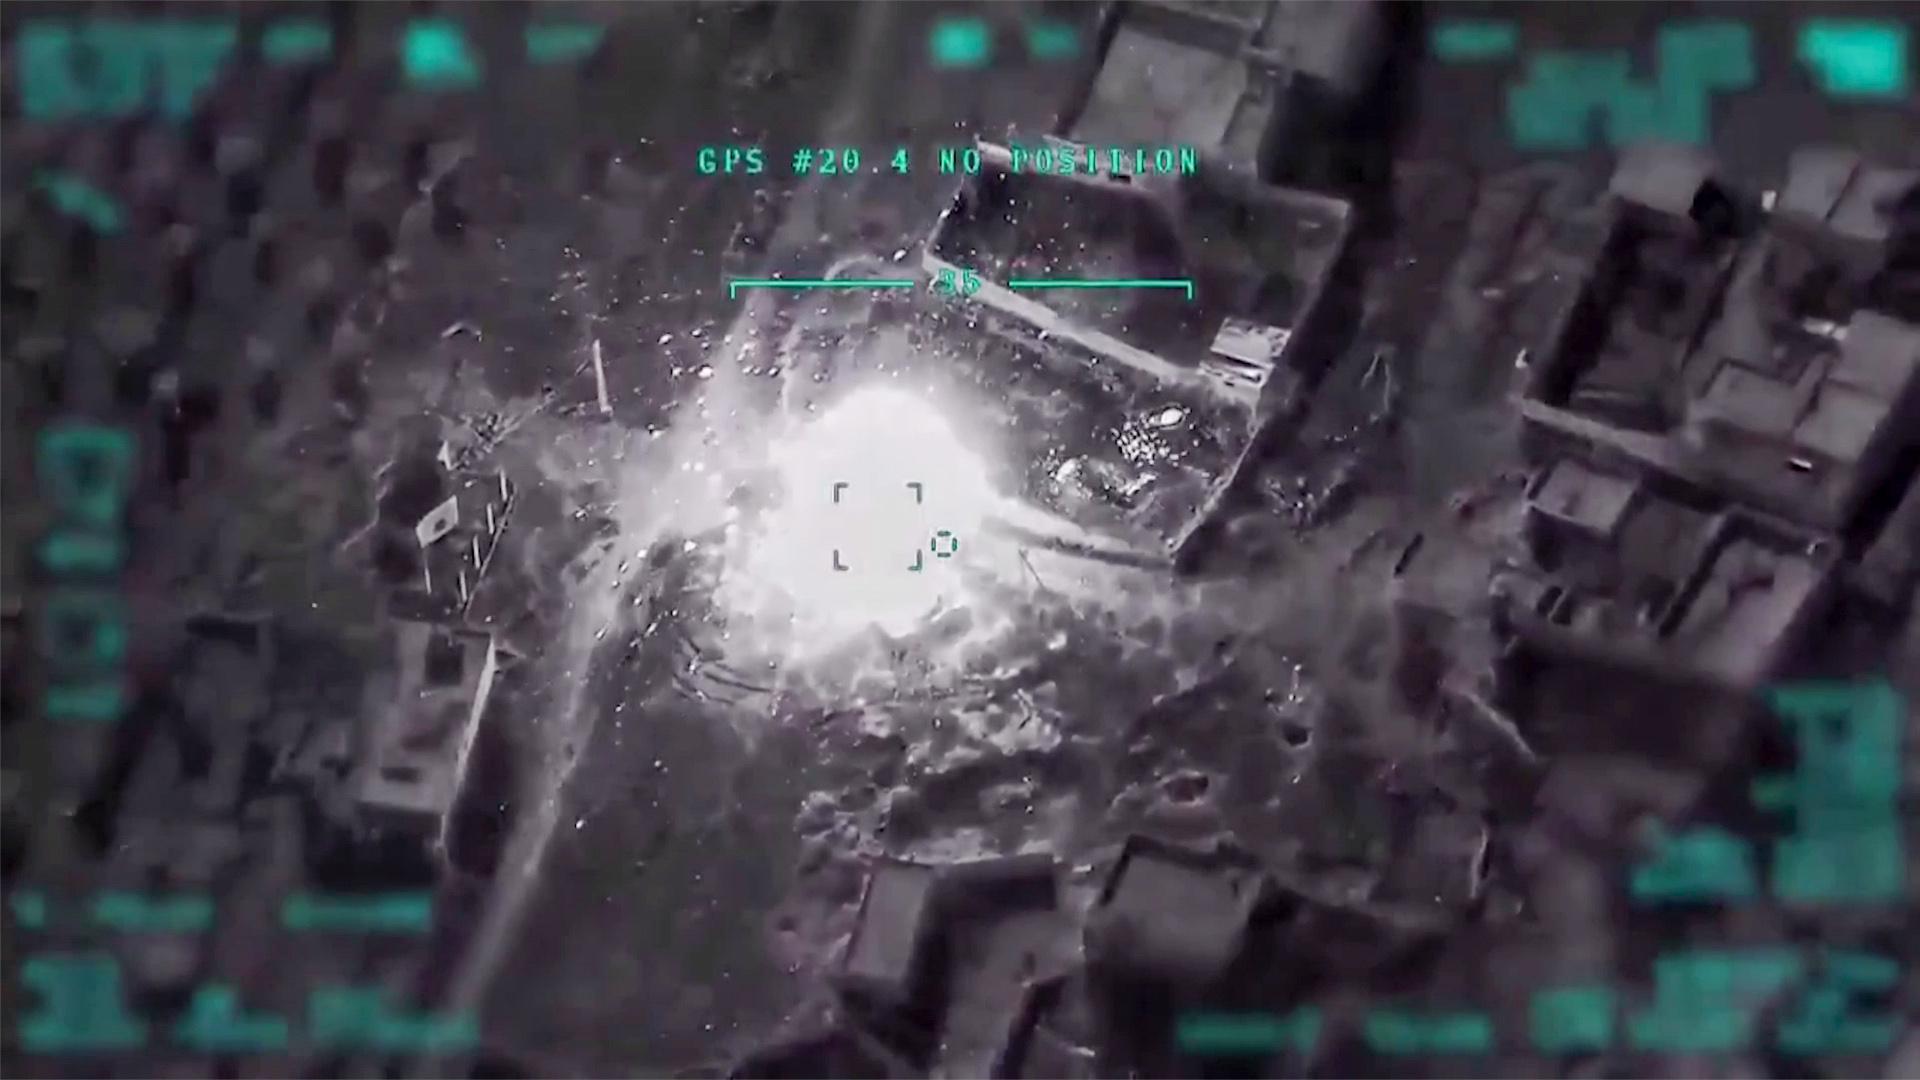 La Turquie menait dimanche une offensive militaire d'envergure en Syrie contre le régime de Damas, dont deux avions ont été abattus et 19 soldats syriens tués.